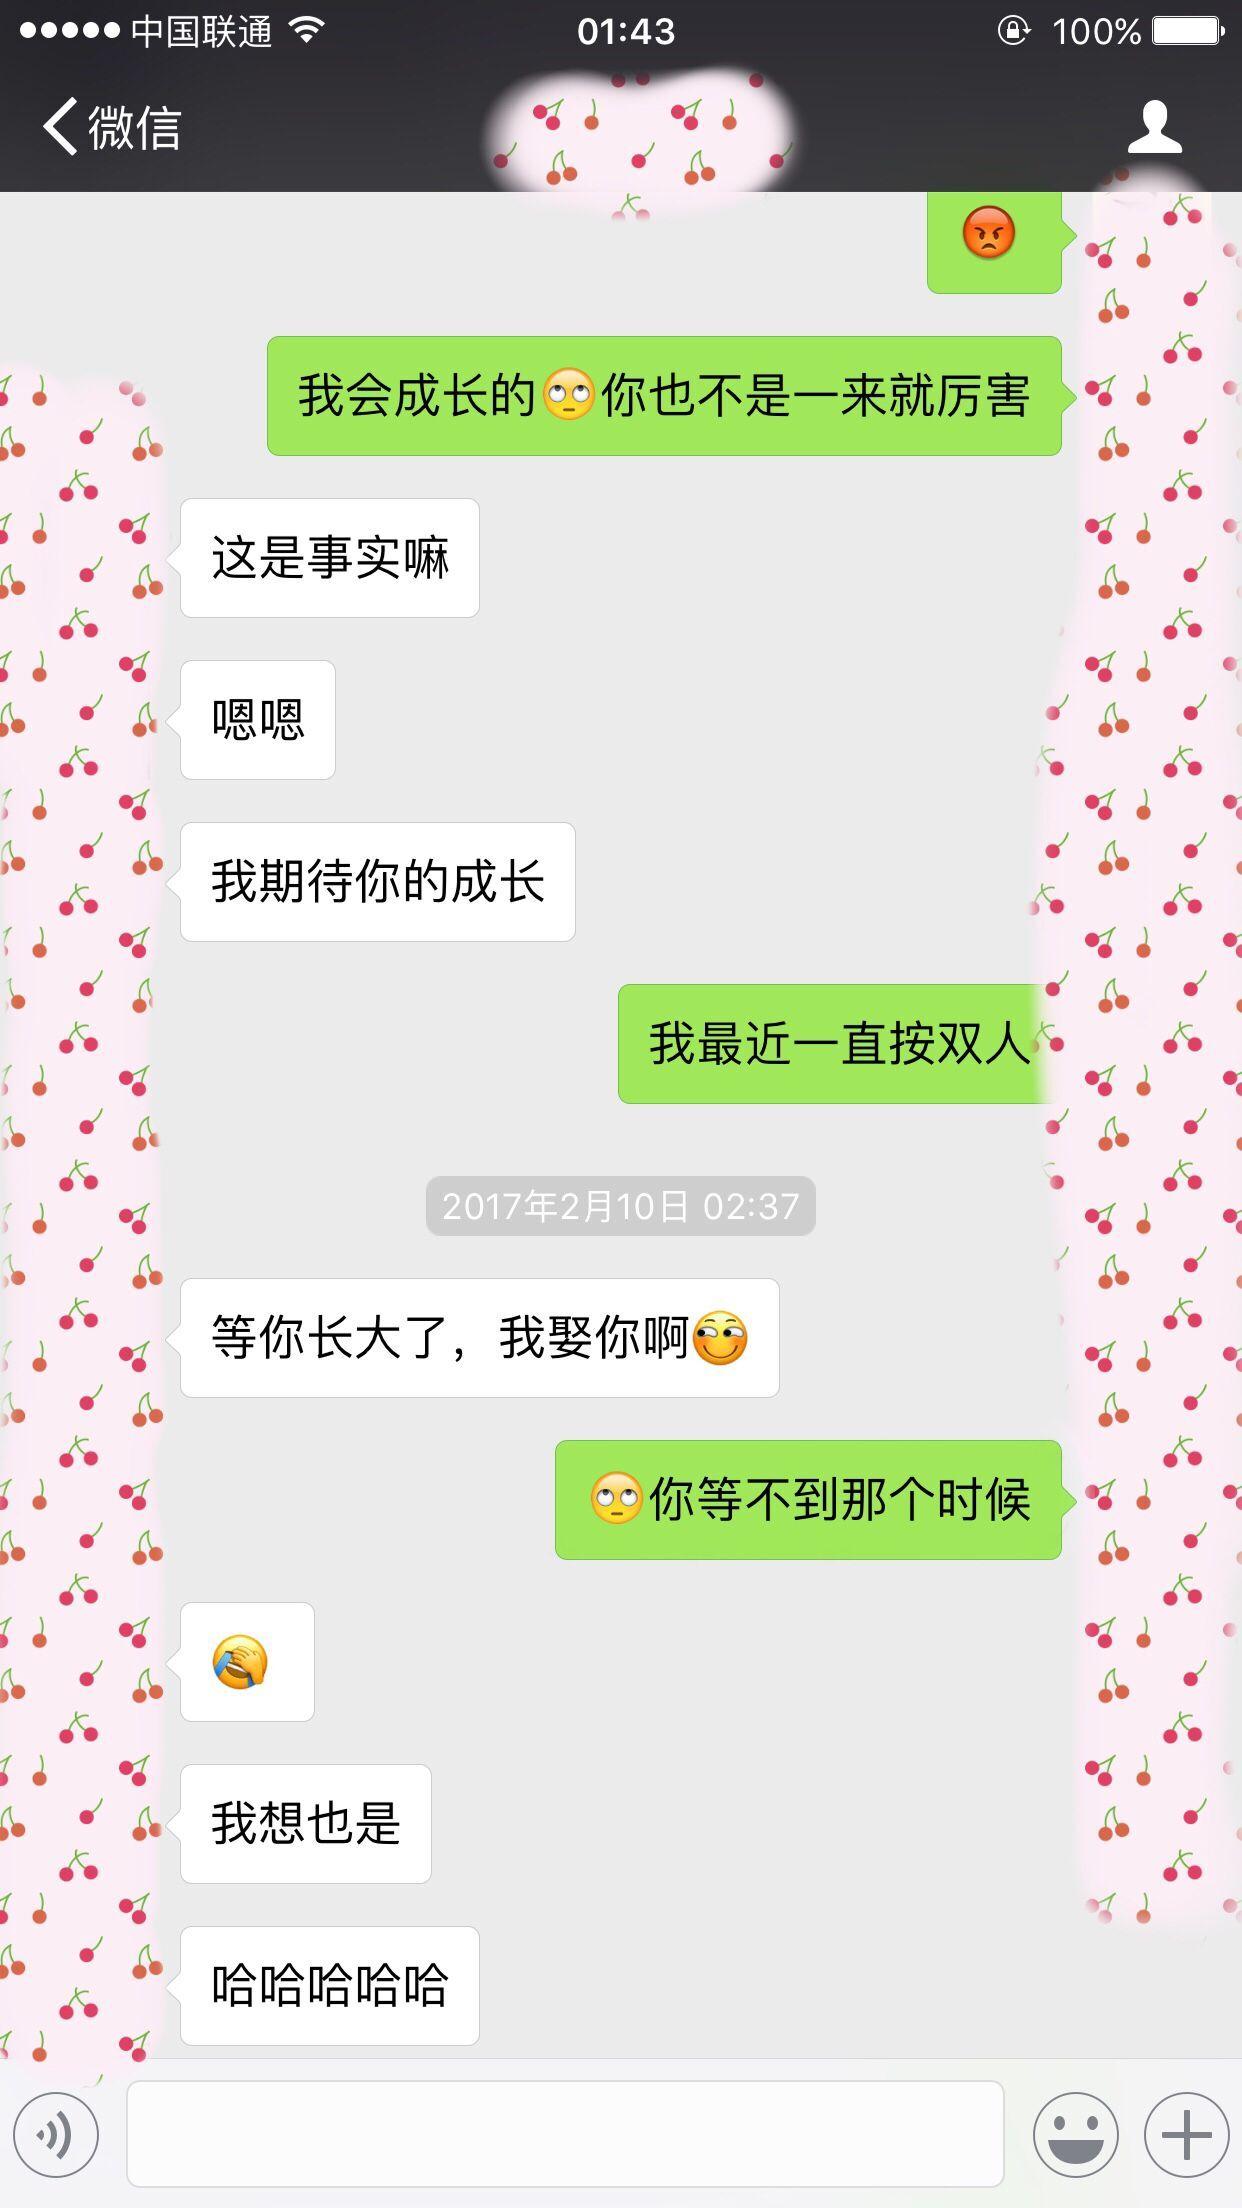 QQ图片20170511015244.jpg